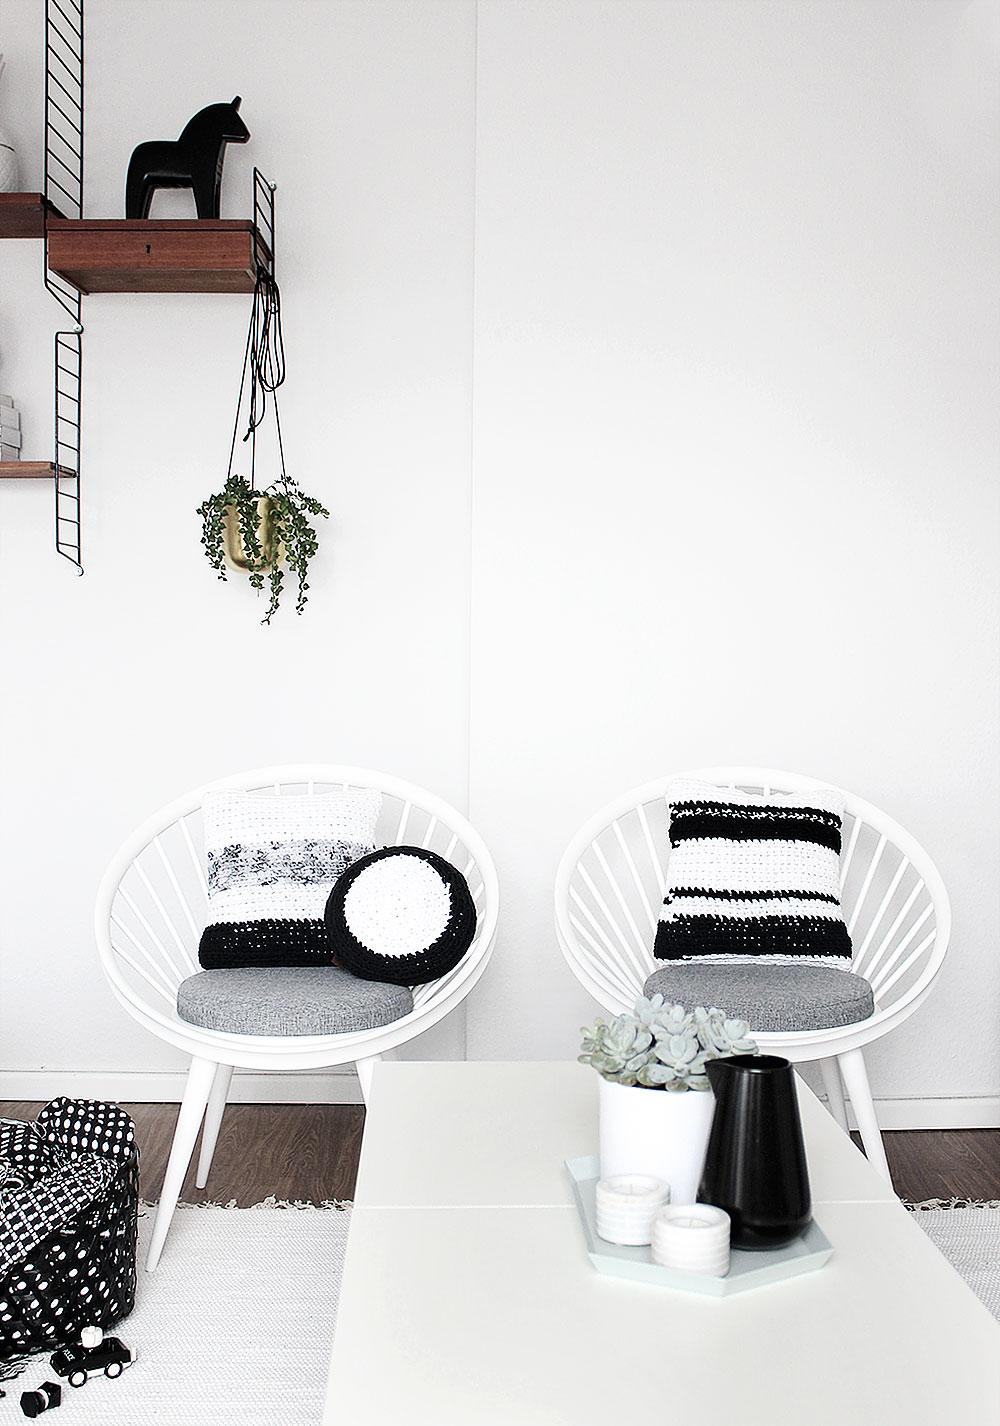 Yngve Ekström Vintage Stühle mit schwerz-weißen Kissen von Lumikello